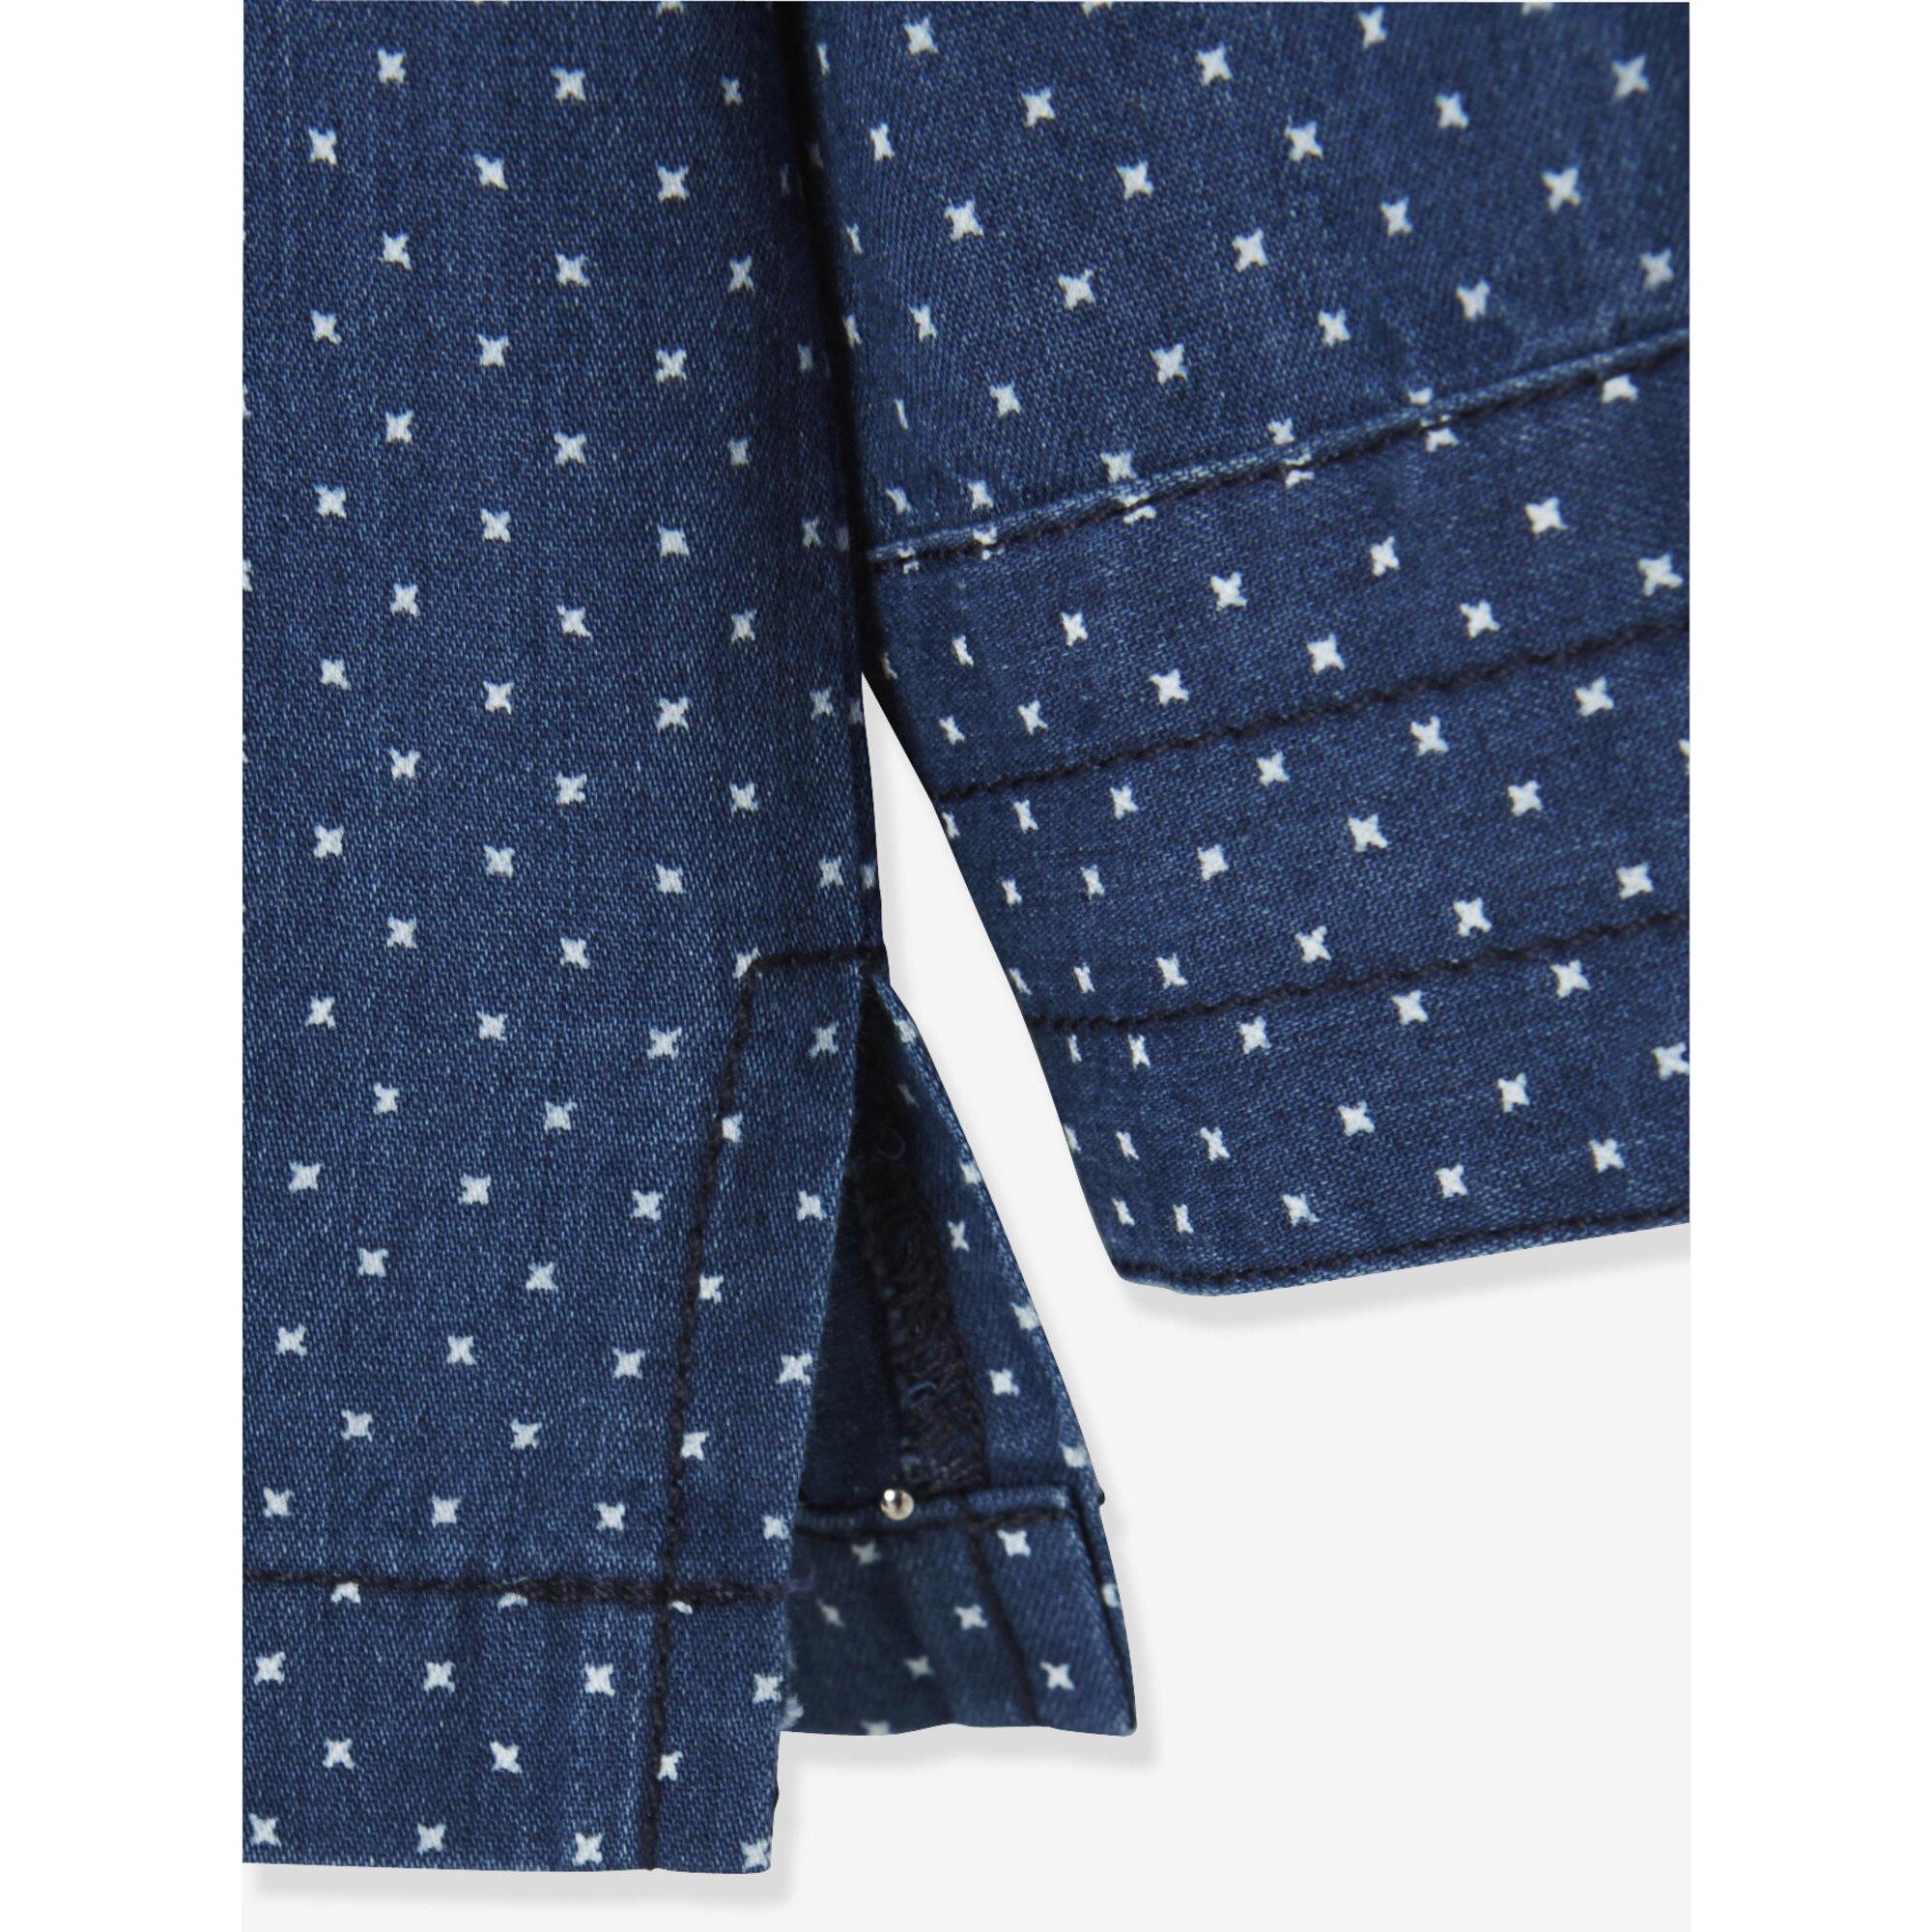 vertbaudet-jungen-hemd-mit-henley-ausschnitt-sterne